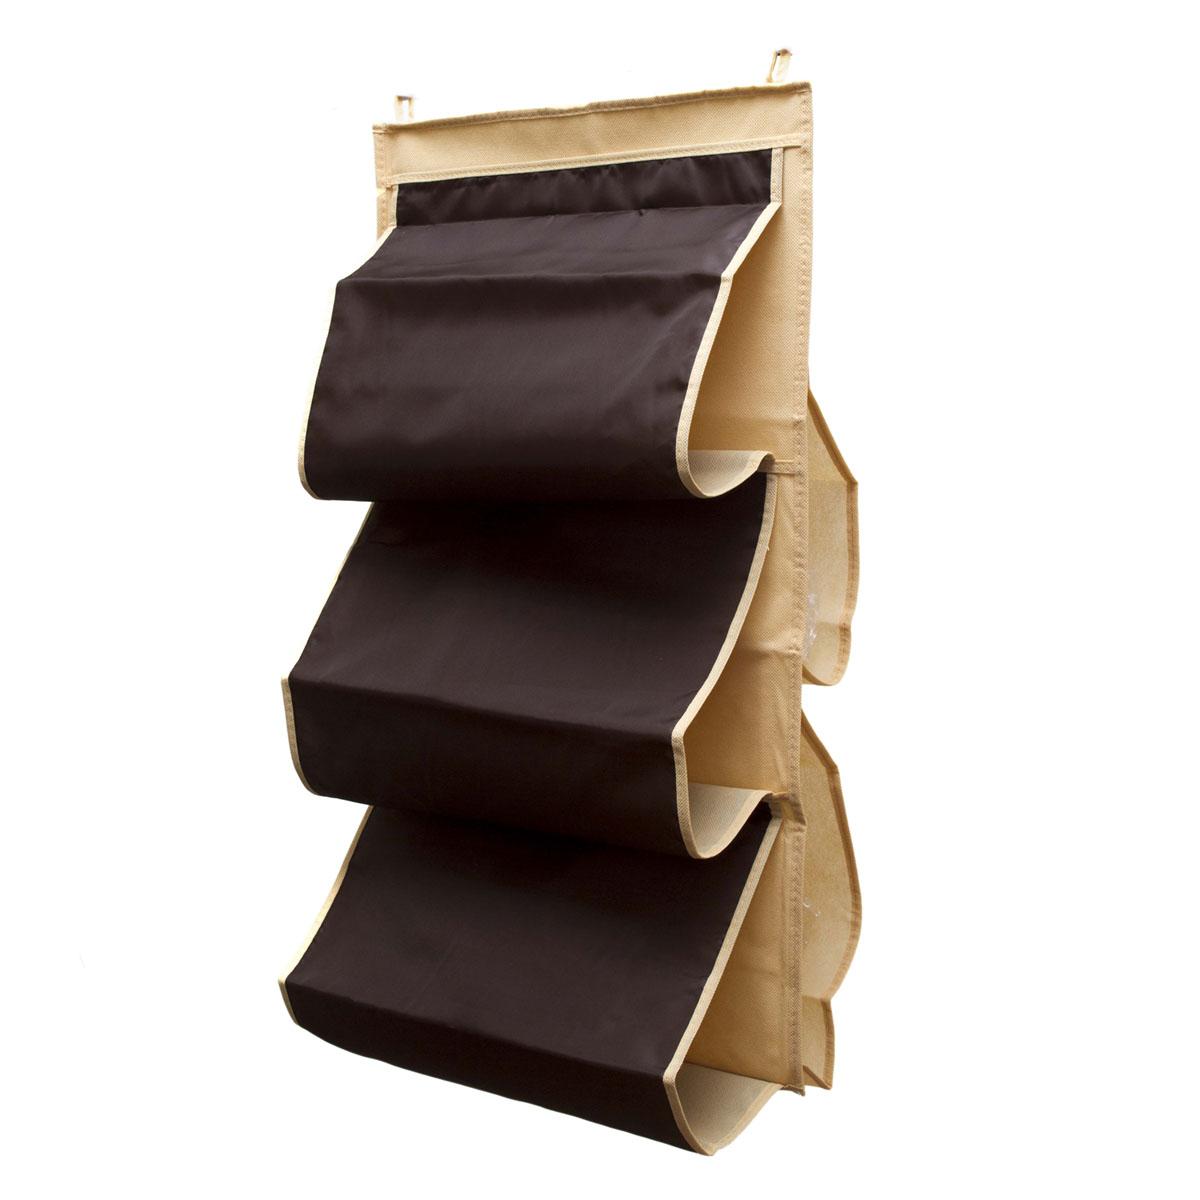 Органайзер для сумок Homsu Costa-Rica, 5 отделений, 40 х 70 смHOM-41Органайзер для хранения сумок Homsu Costa-Rica изготовлен из полиэстера. Изделие имеет 5 отделений, его можно повесить в удобное место за крючки. Такой компактный и удобный в каждодневном использовании аксессуар, как этот органайзер, размещающийся в пространстве шкафа, на плоскости стены или дверей. Практичный и удобный органайзер для хранения сумок. Размер чехла: 40 х 70 см.